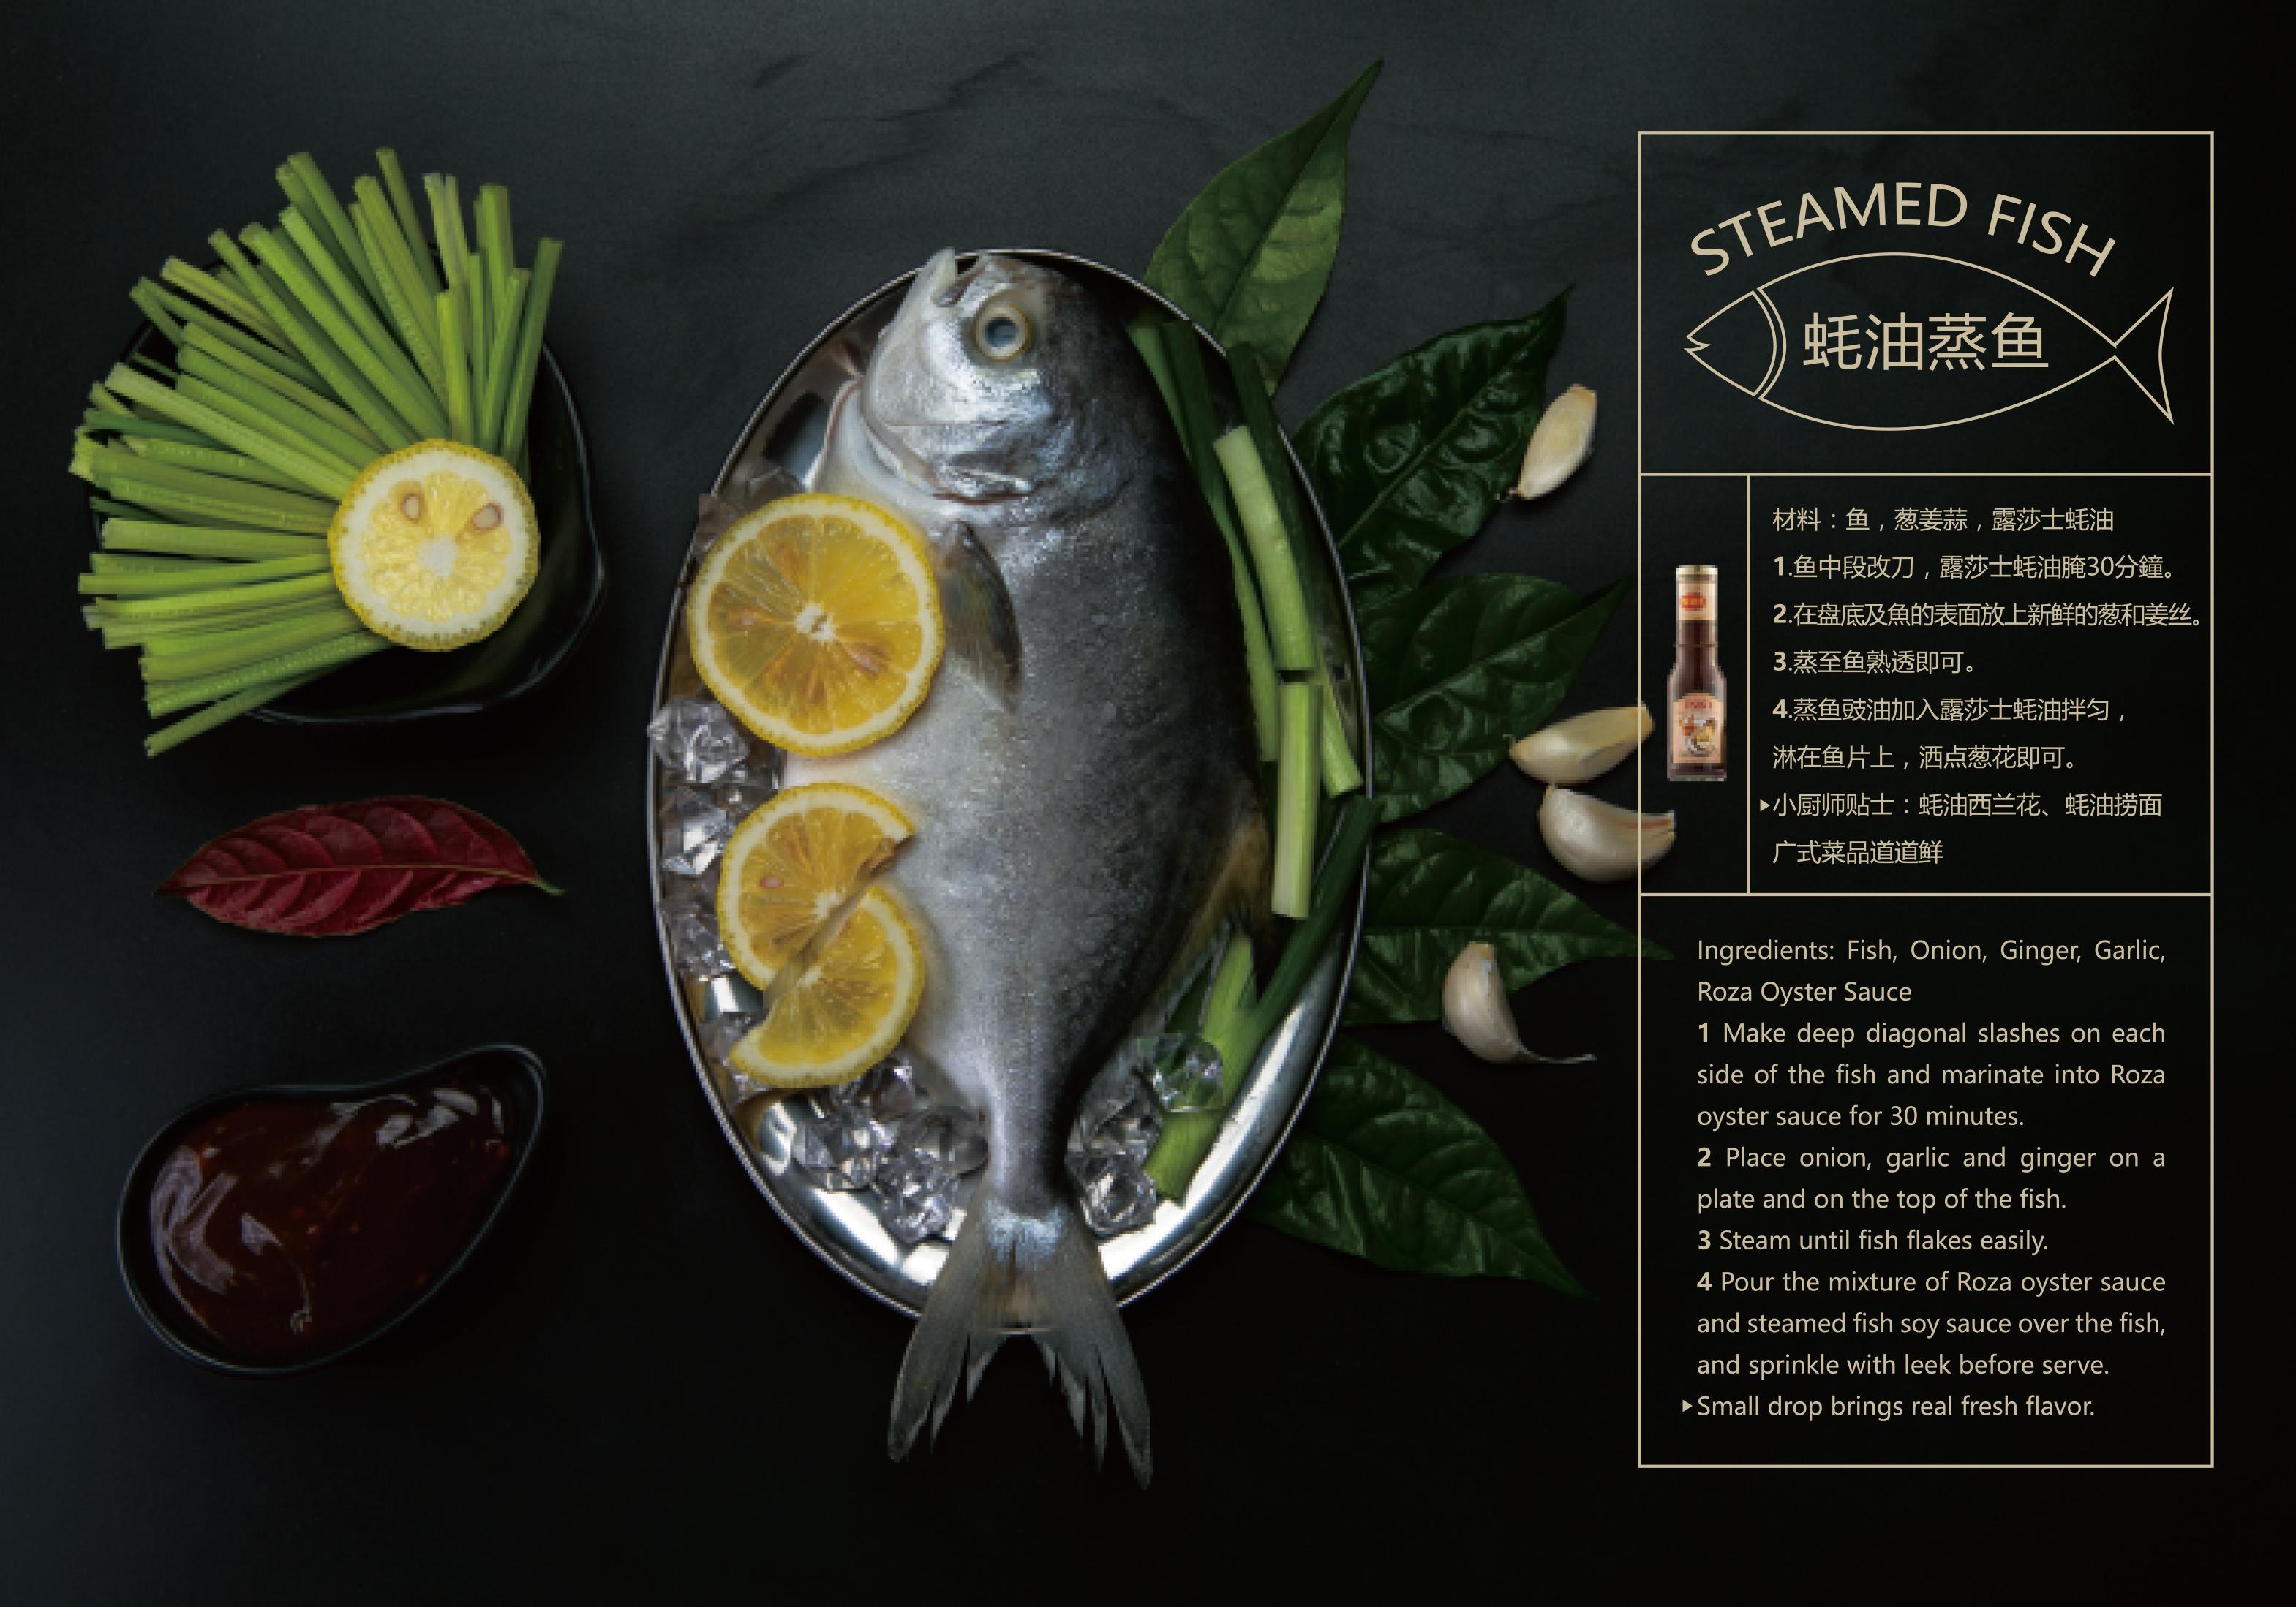 蚝油蒸鱼-露莎士食谱-拉面食堂-三吉食品天猫专营店